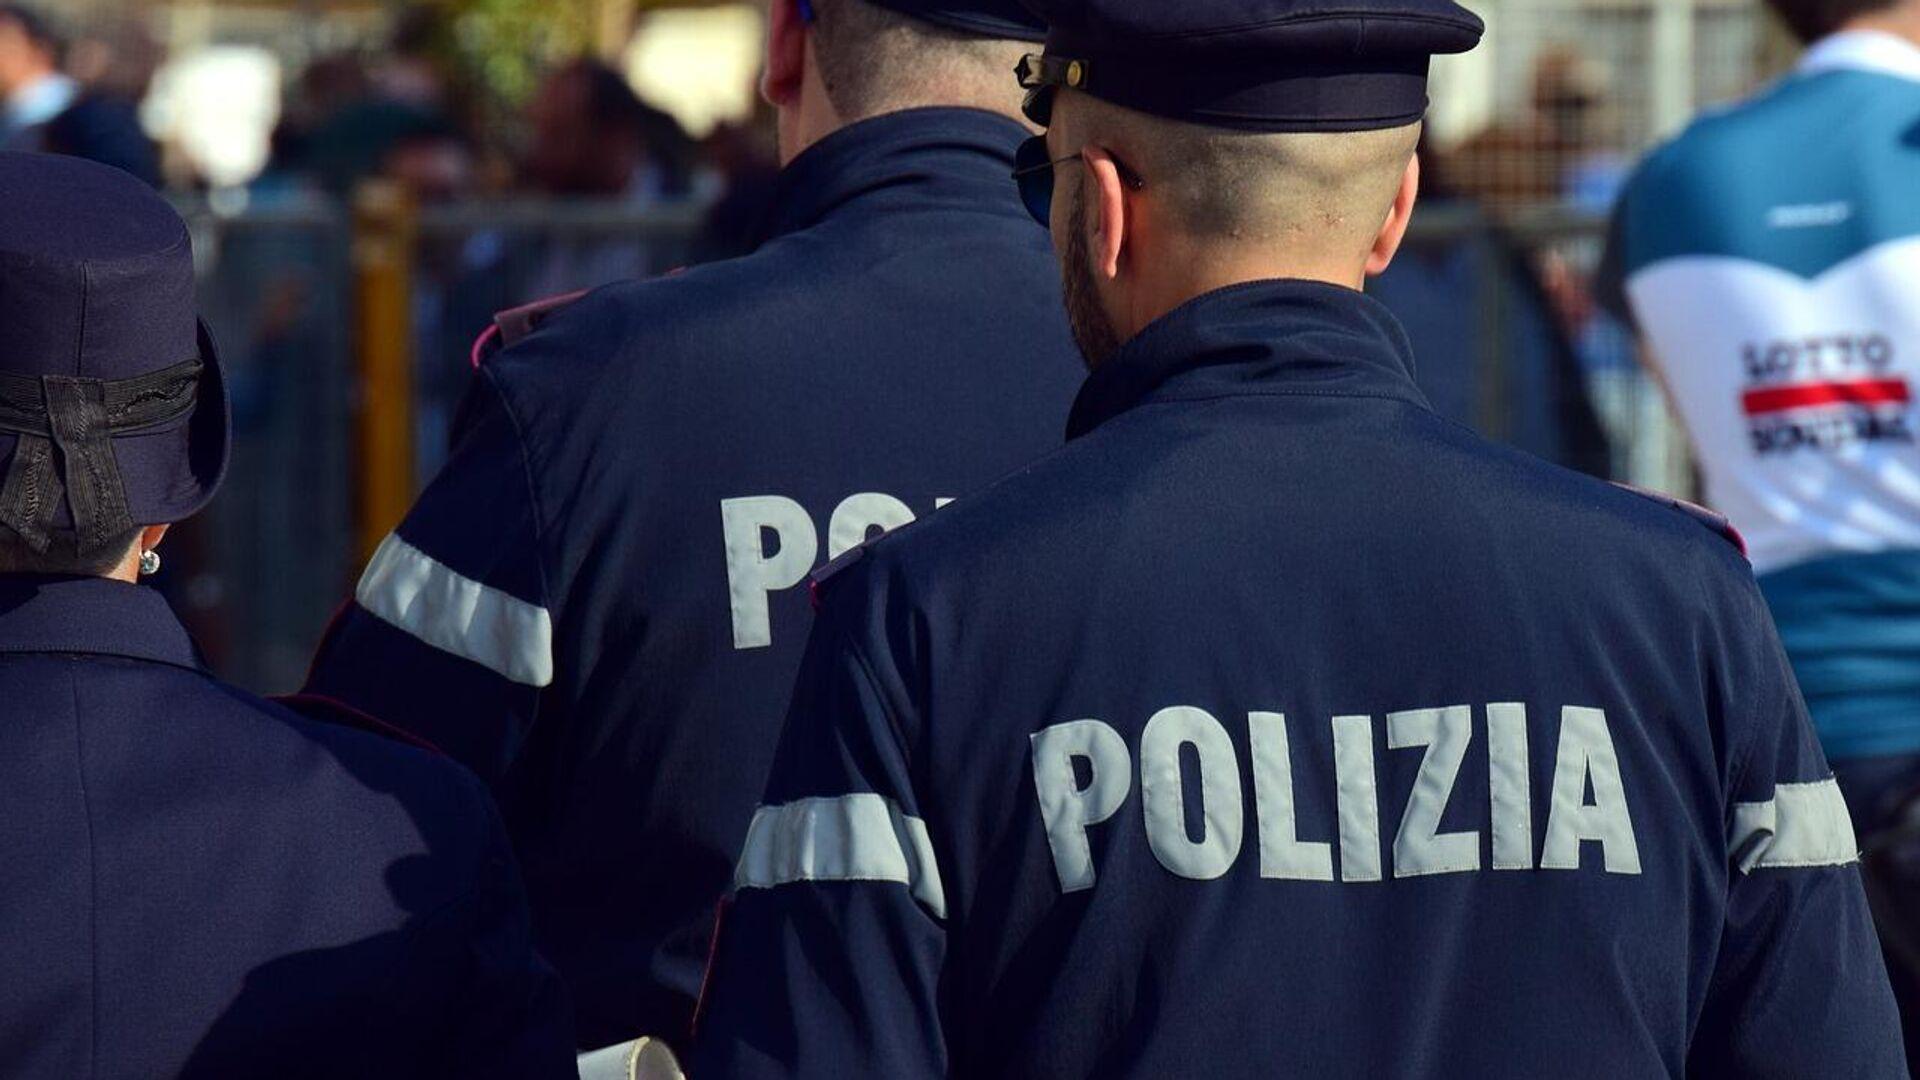 Italienische Polizisten im Einsatz (Symbolbild) - SNA, 1920, 13.09.2021